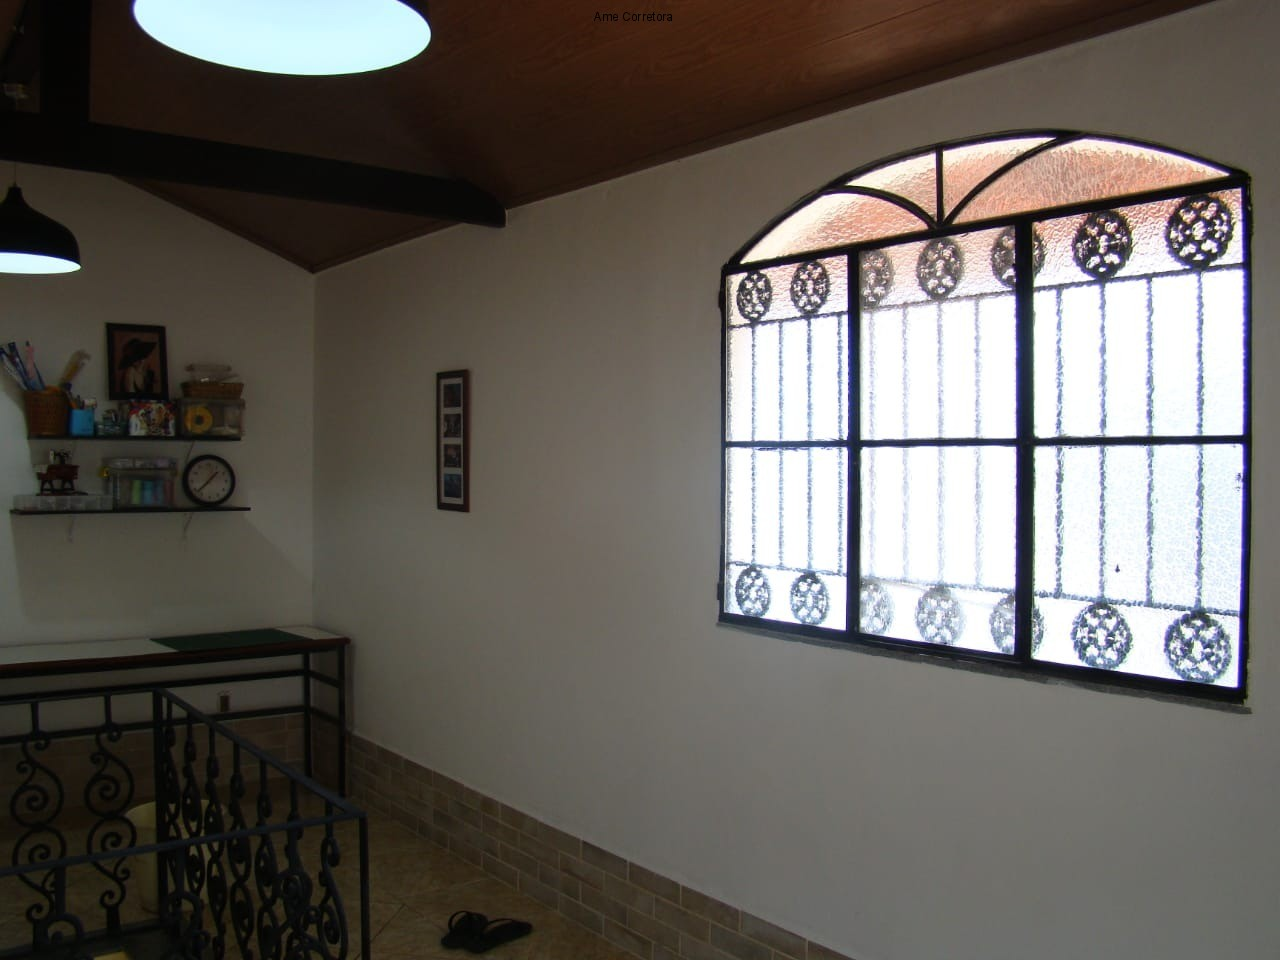 FOTO 10 - Casa 3 quartos à venda Guaratiba, Rio de Janeiro - R$ 350.000 - CA00784 - 11